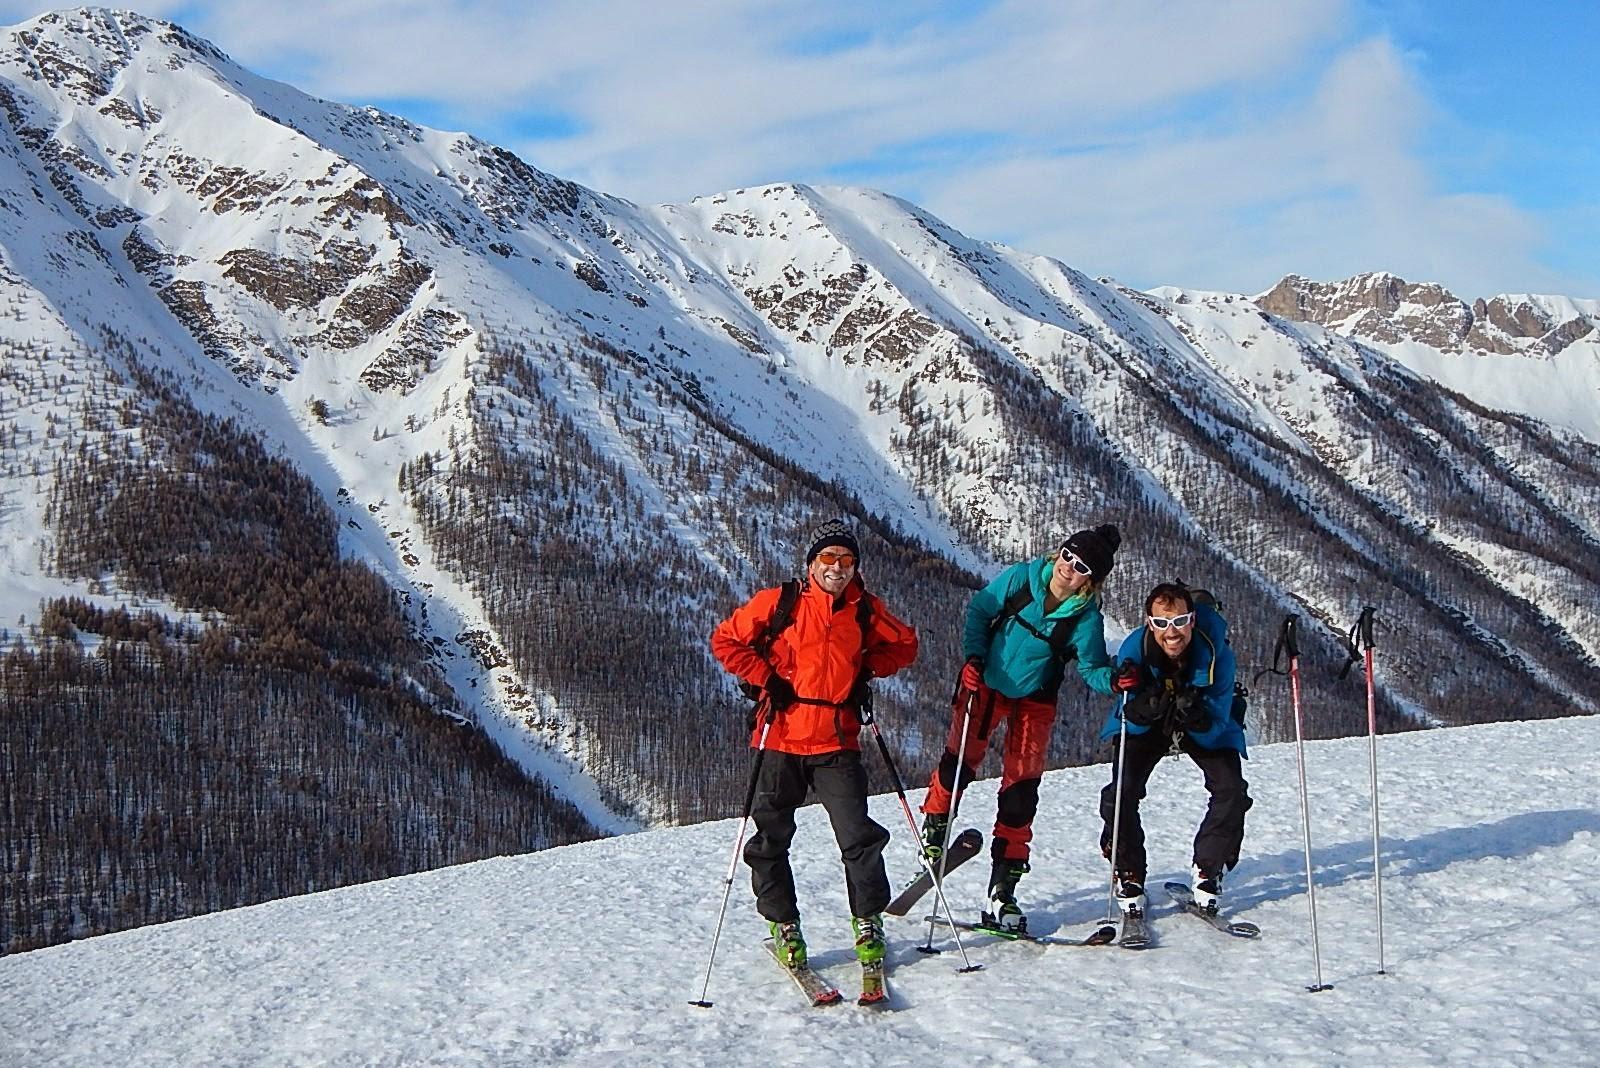 Séjour ski de randonnée Queyras avec un guide